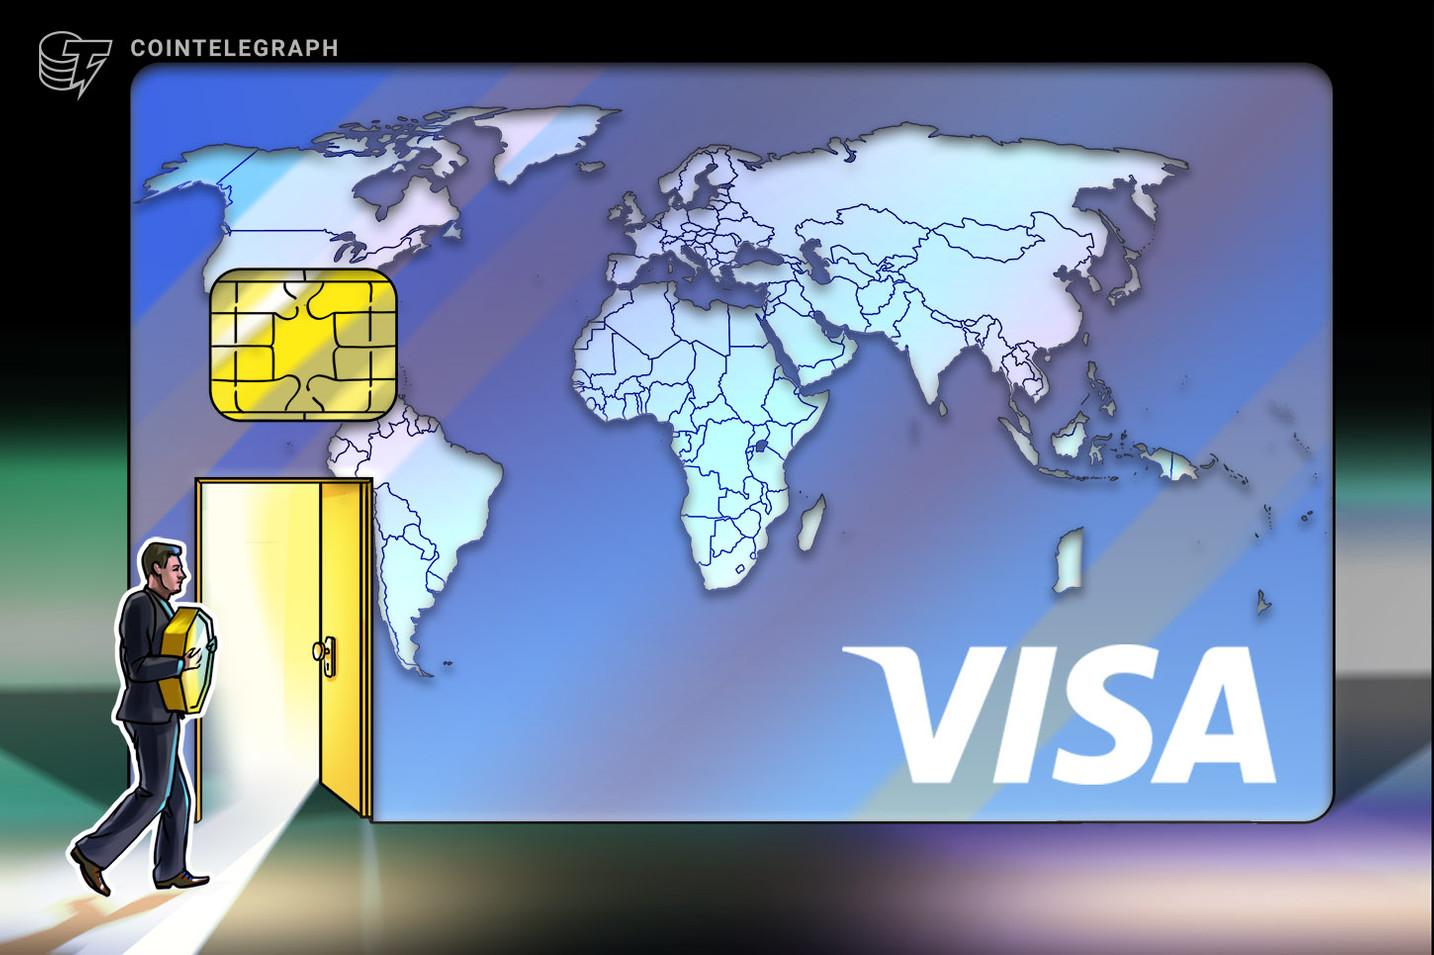 Visa'dan bir kripto iş birliği daha geldi!